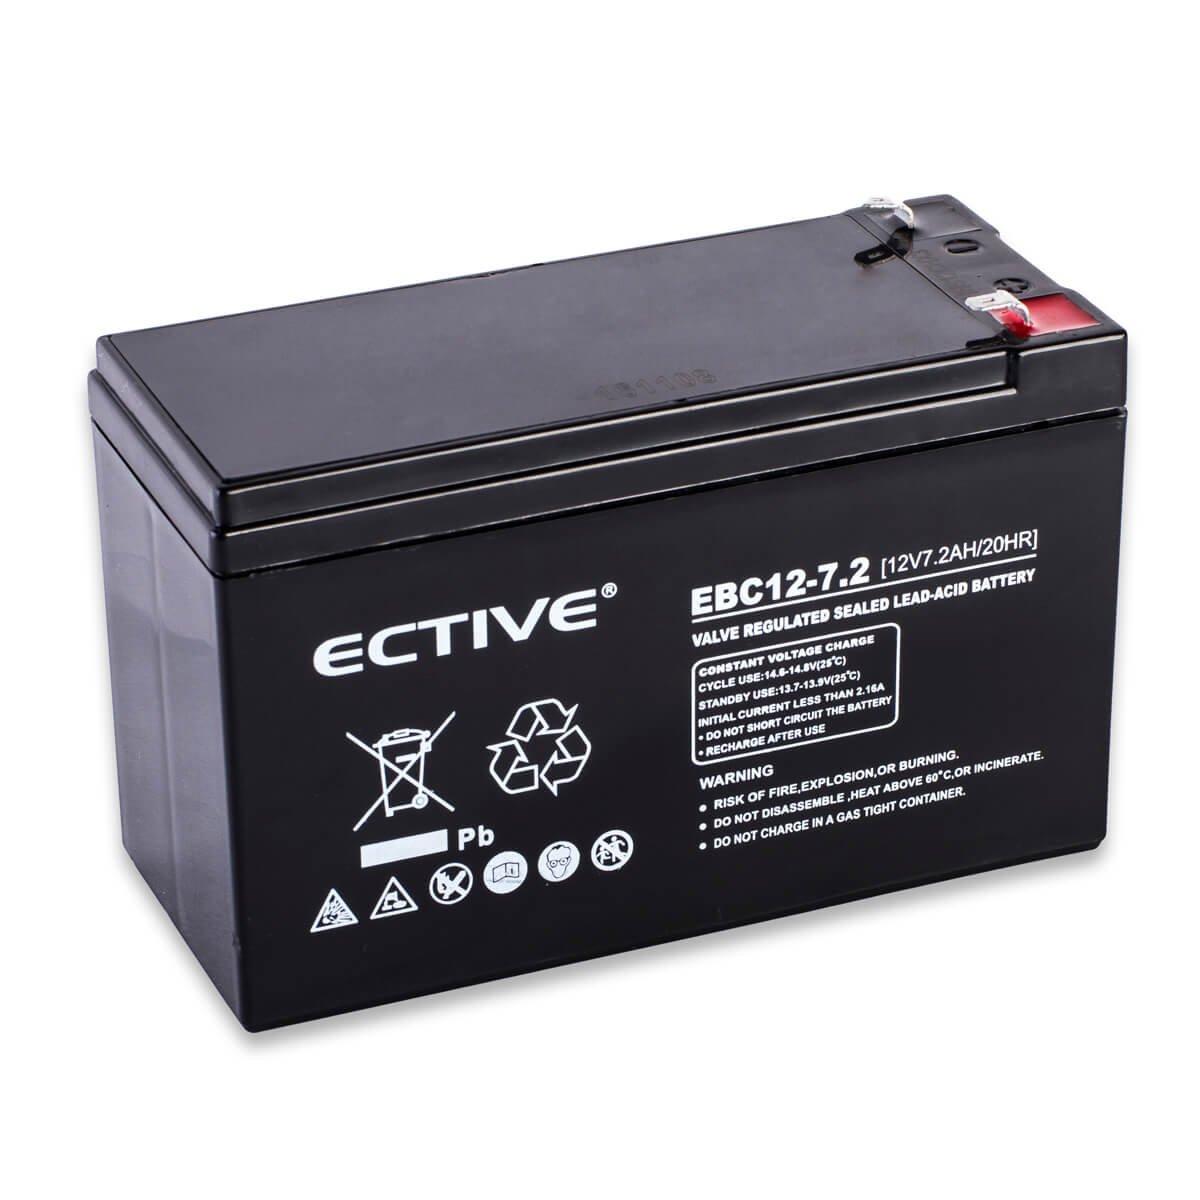 Ective Bleiakku 12v 23ah Zyklenfester Blei Akku Elektronik 12 Volt 24 Lead Acid Battery Charger Circuit Skema Elektronika